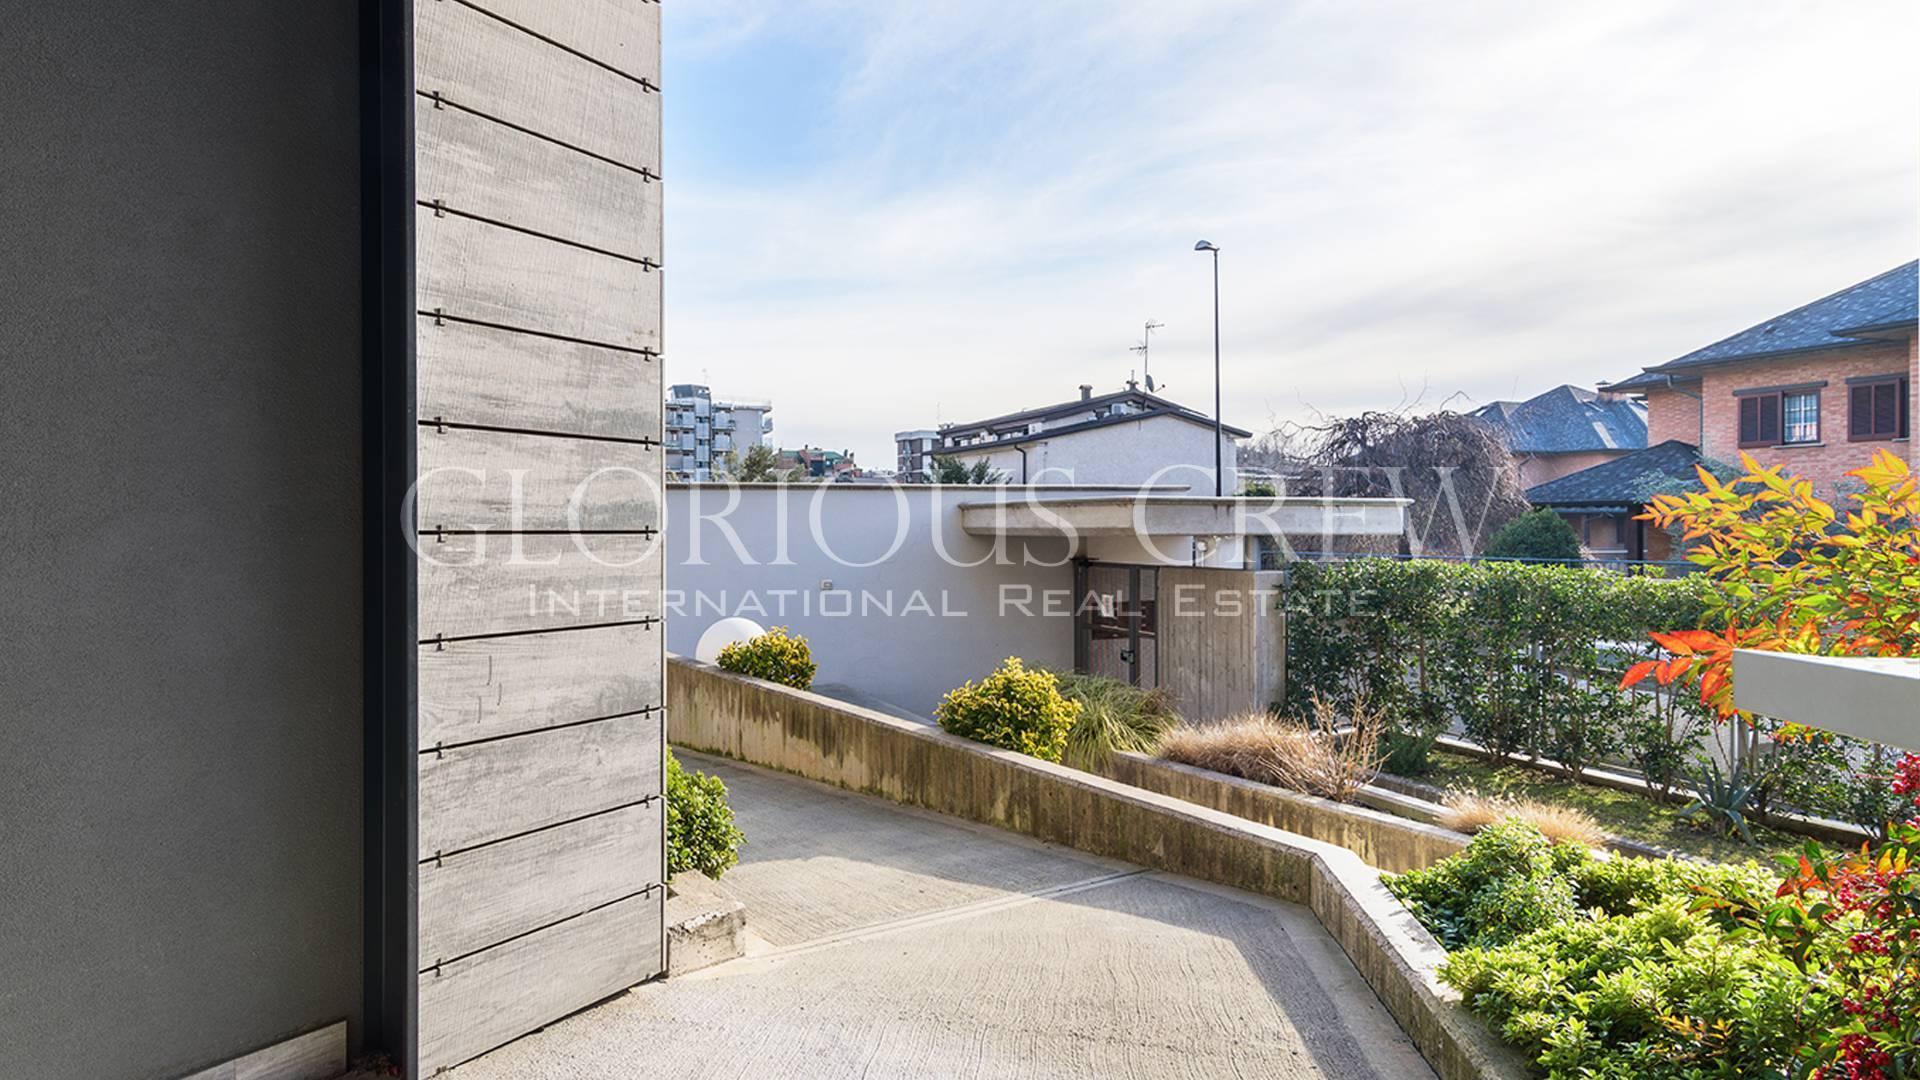 Appartamento in Vendita a Monza: 4 locali, 149 mq - Foto 8